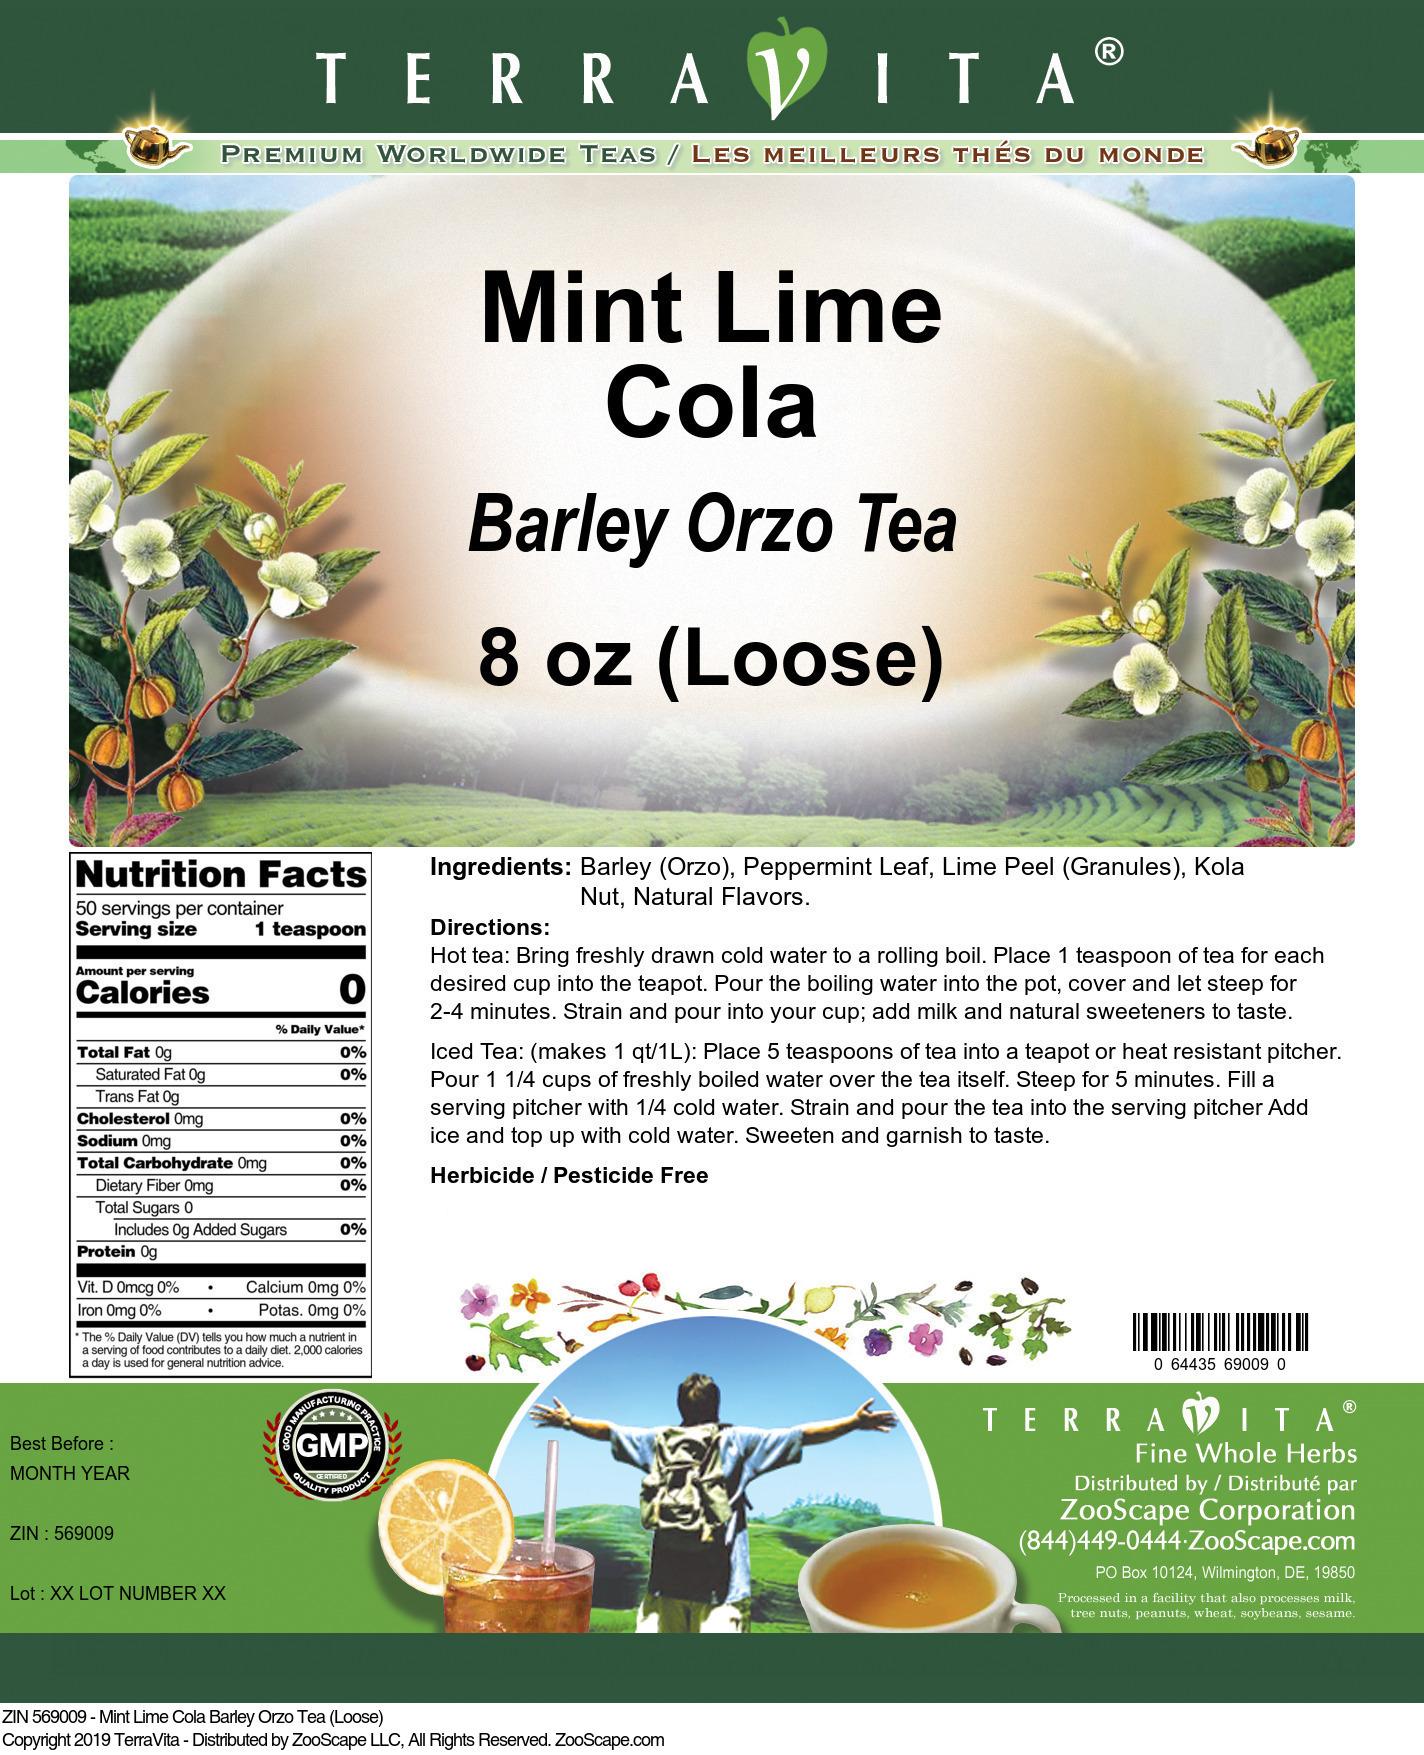 Mint Lime Cola Barley Orzo